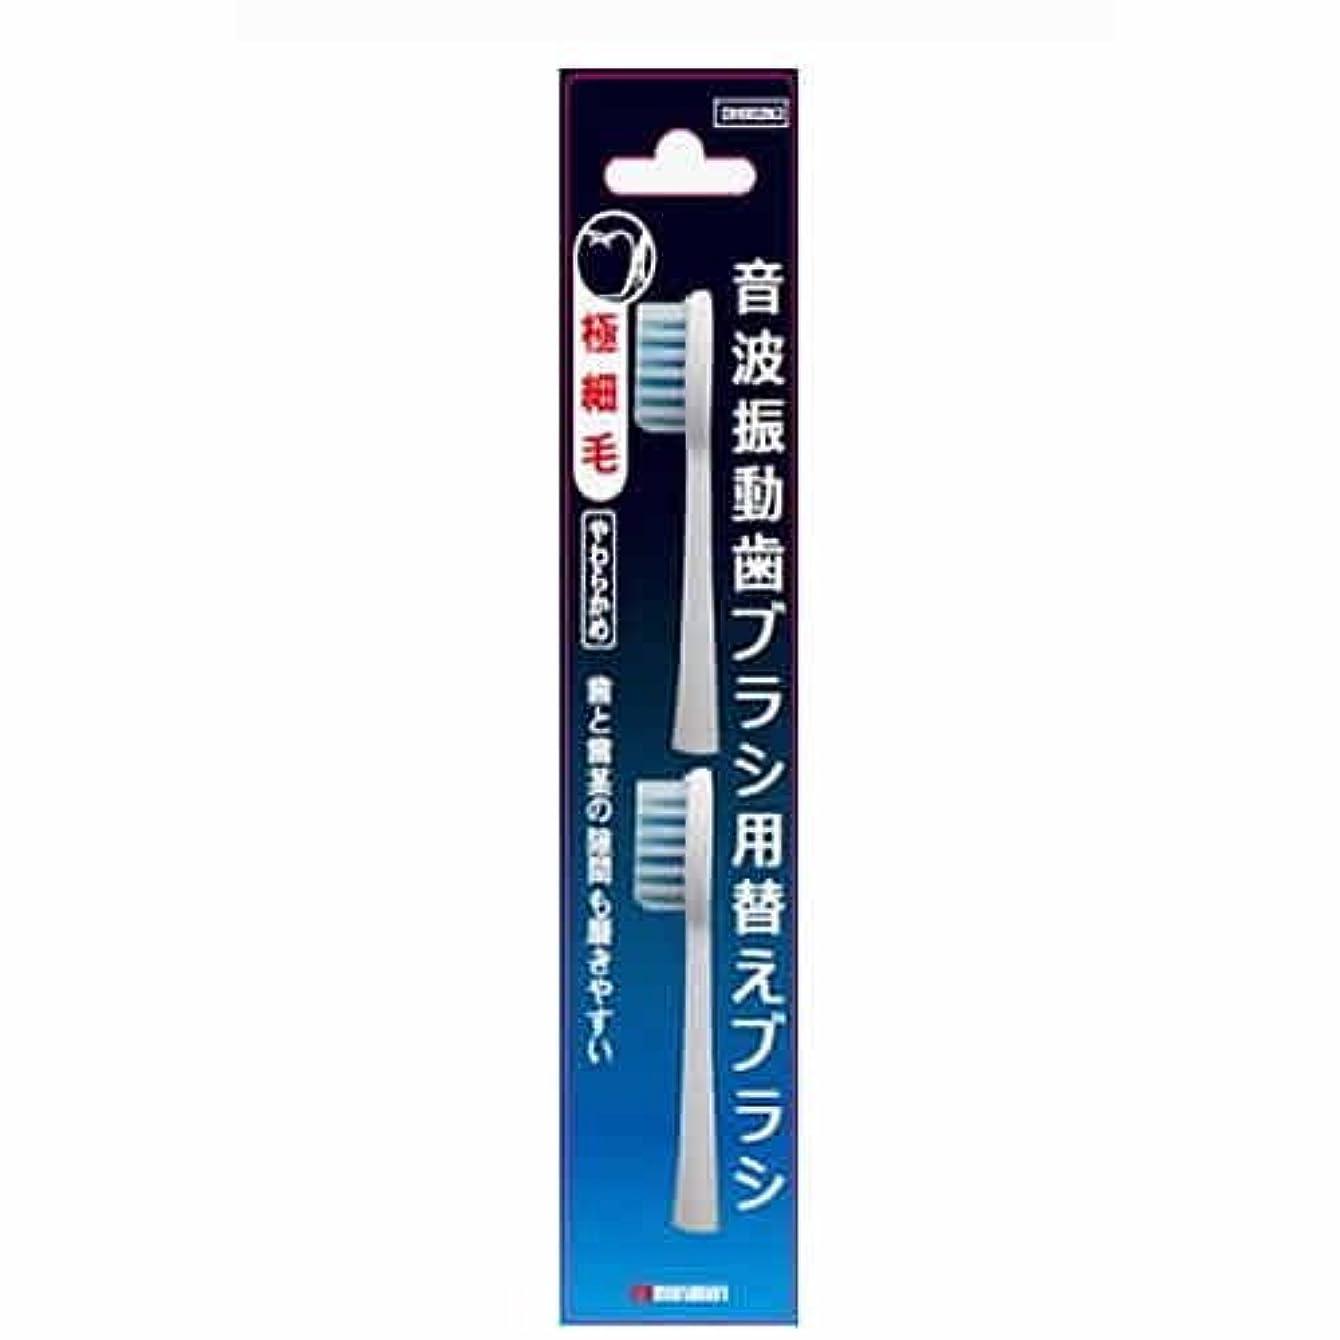 活気づけるチョコレートリンケージ【まとめ買い】マルマン 電動歯ブラシ ミニモ/プロソニック1/プロソニック2/プロソニック3 対応 替えブラシ 極細毛 DK002N2 2本組 ×3個